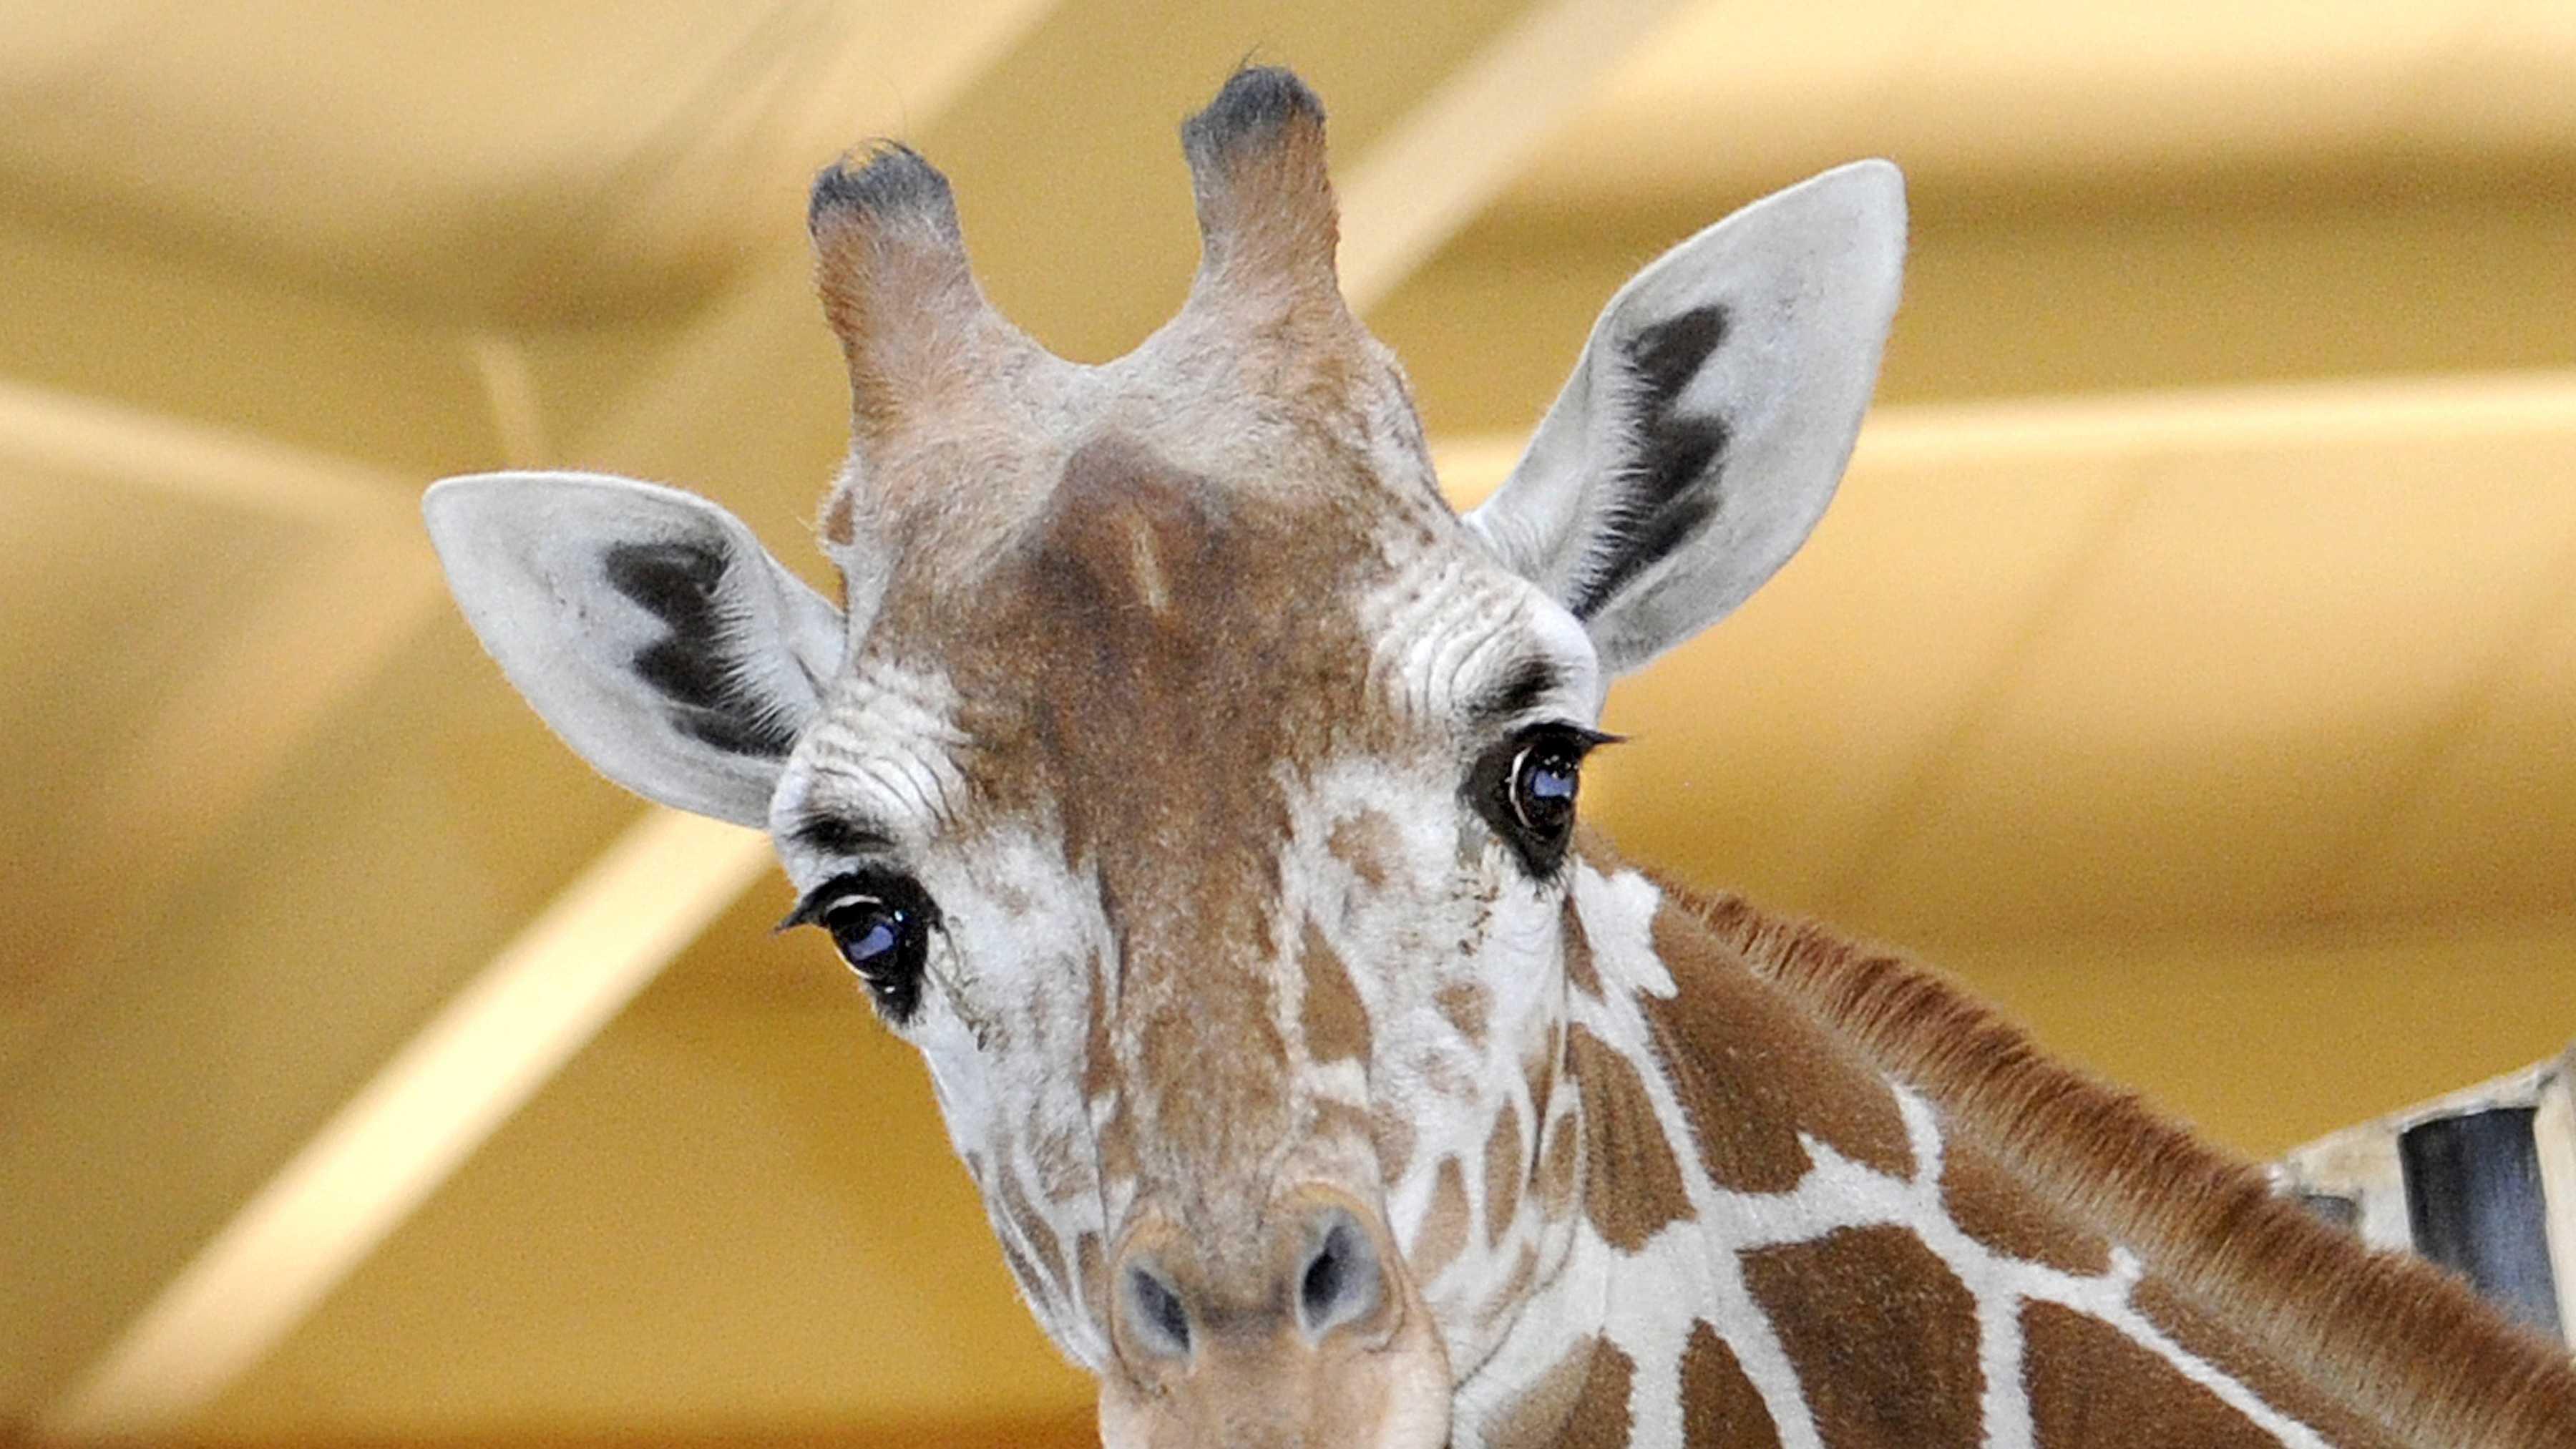 giraffe generic.jpg